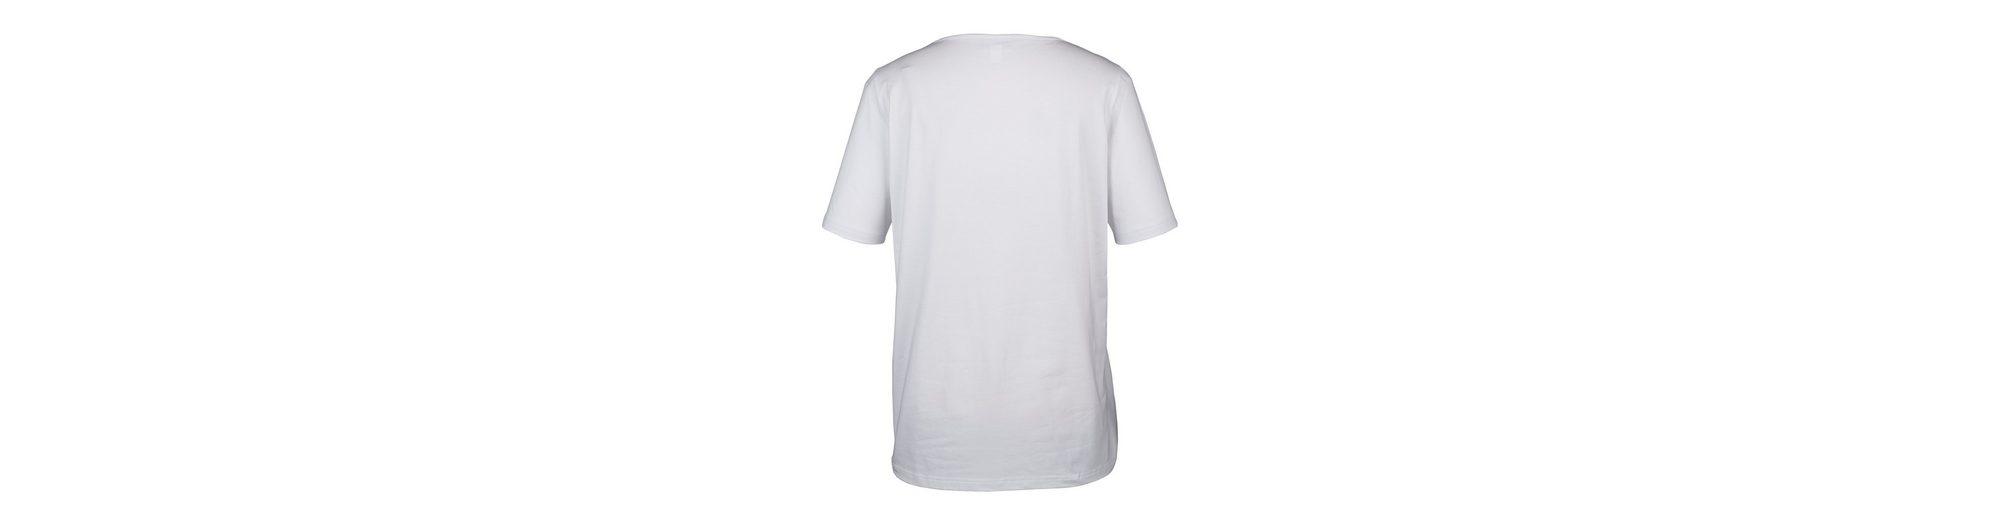 Niedrigster Preis Günstig Online Limitierter Auflage Zum Verkauf MIAMODA Shirt mit Flamingo-Motiven vorne GlhdIXUr